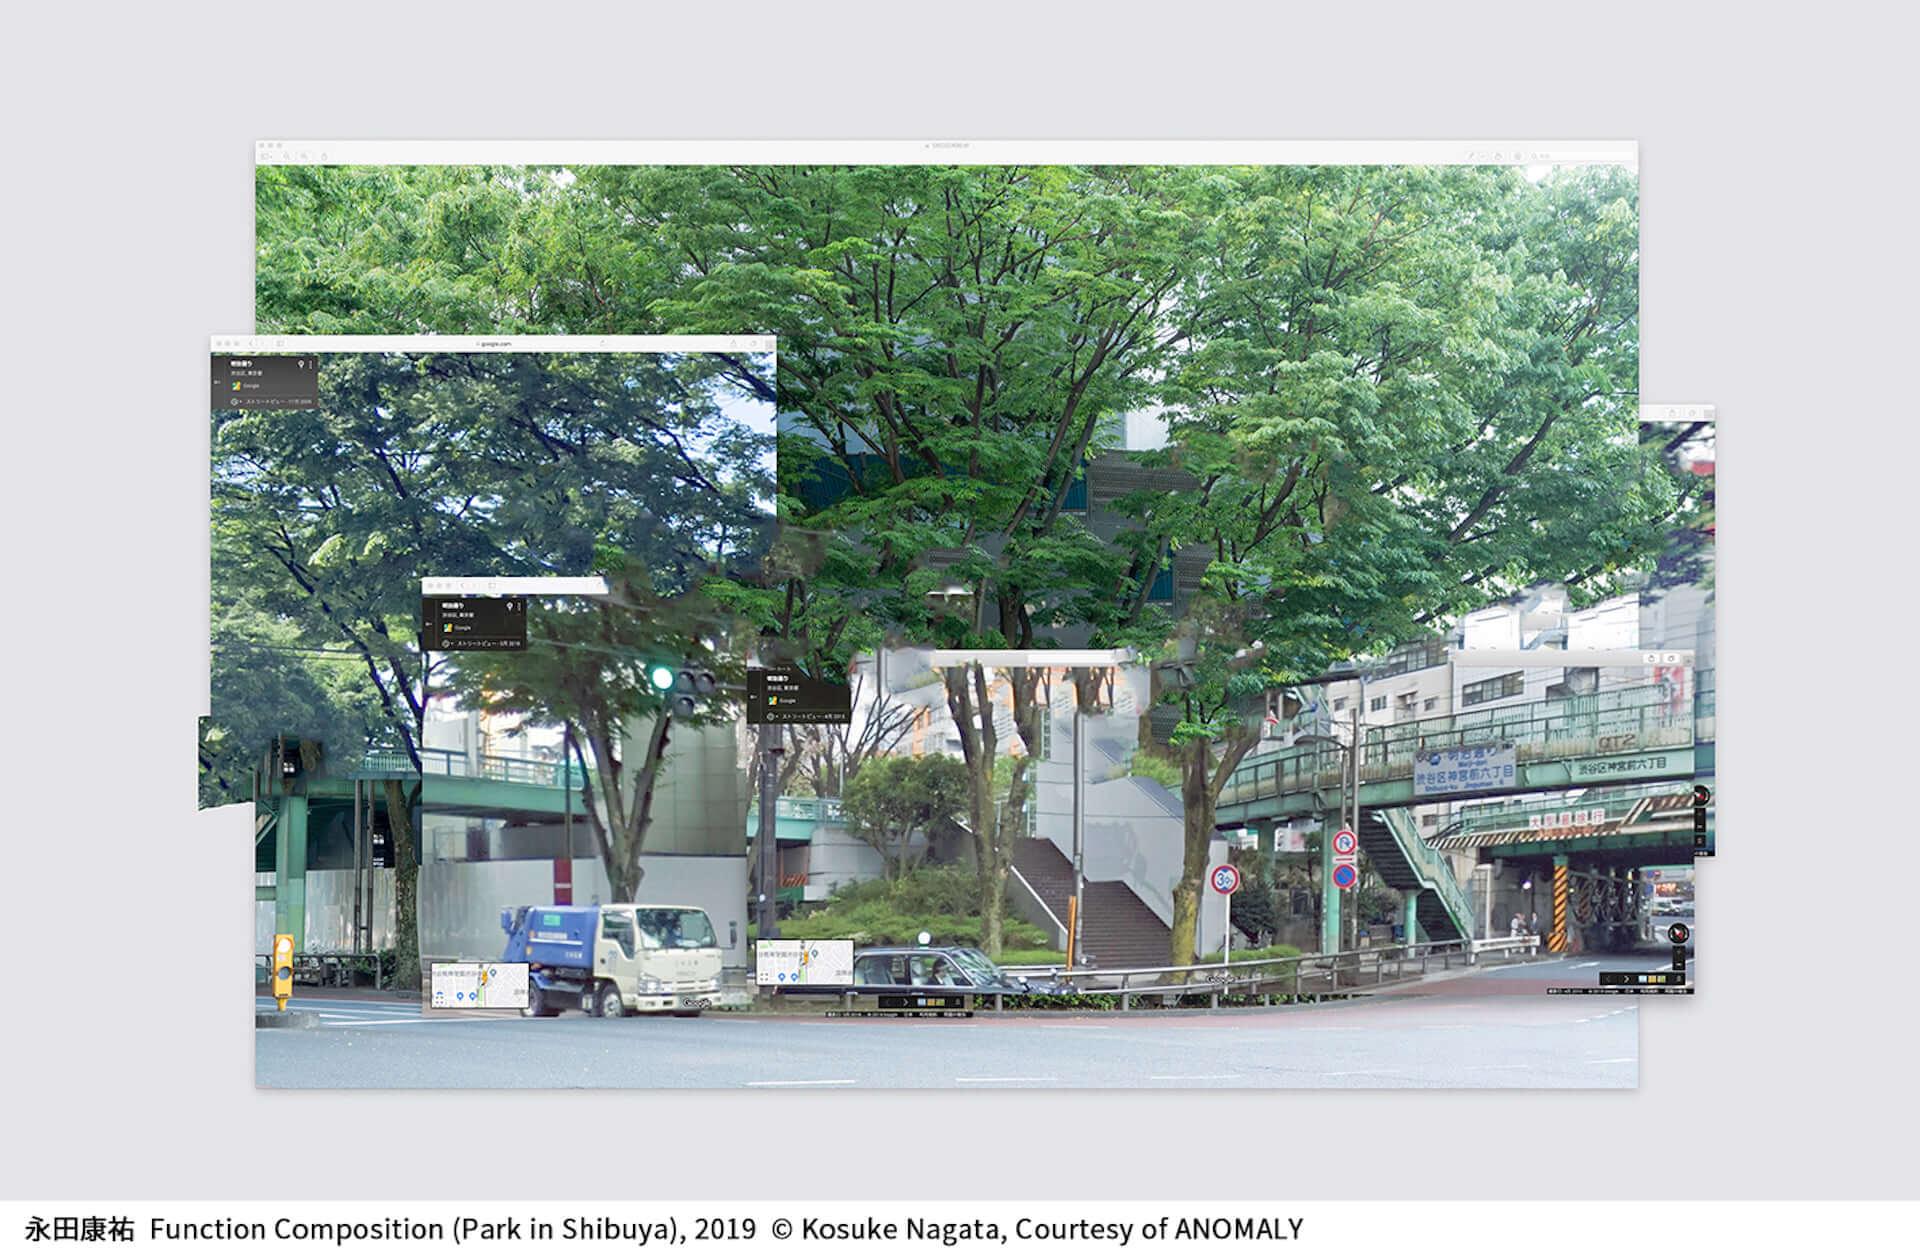 蔦屋書店にて<東京フォトグラフィックリサーチ>開催決定!小山泰介や永田康祐らが東京をテーマに写真・映像作品を制作 a732078b03247a480cf7b4ad0aeedf3f-1920x1255